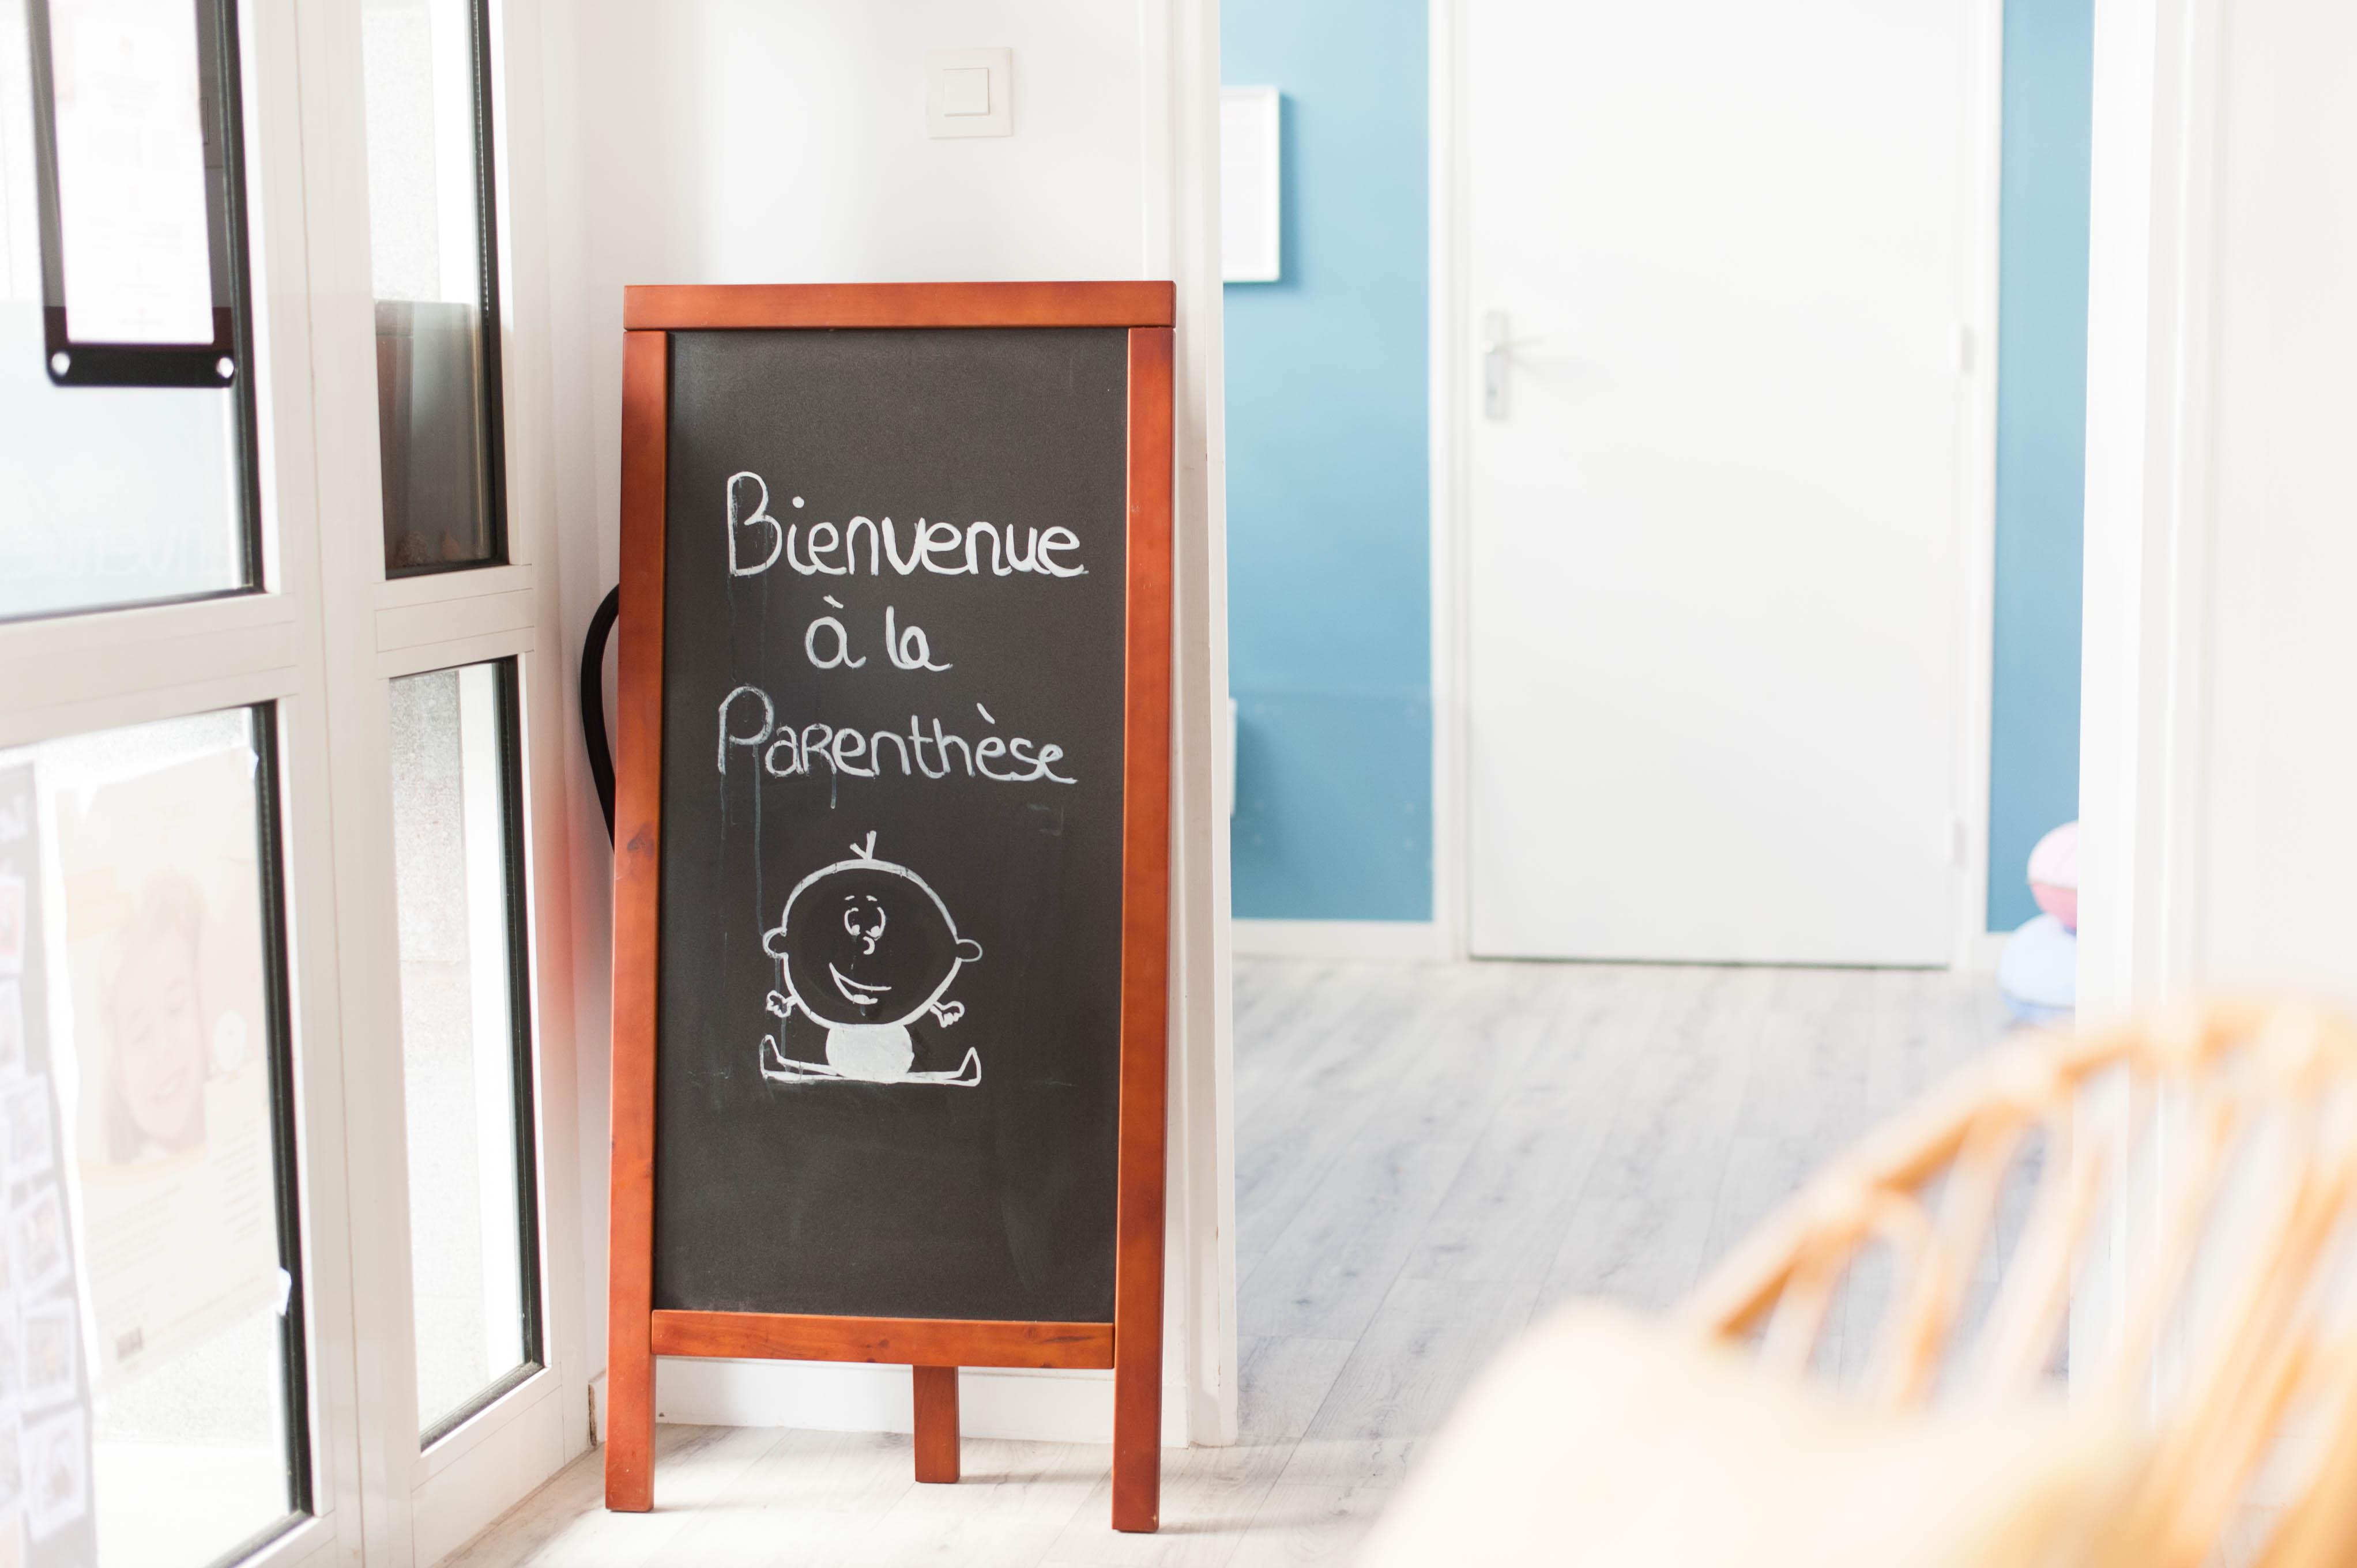 La parenthèse – Rennes